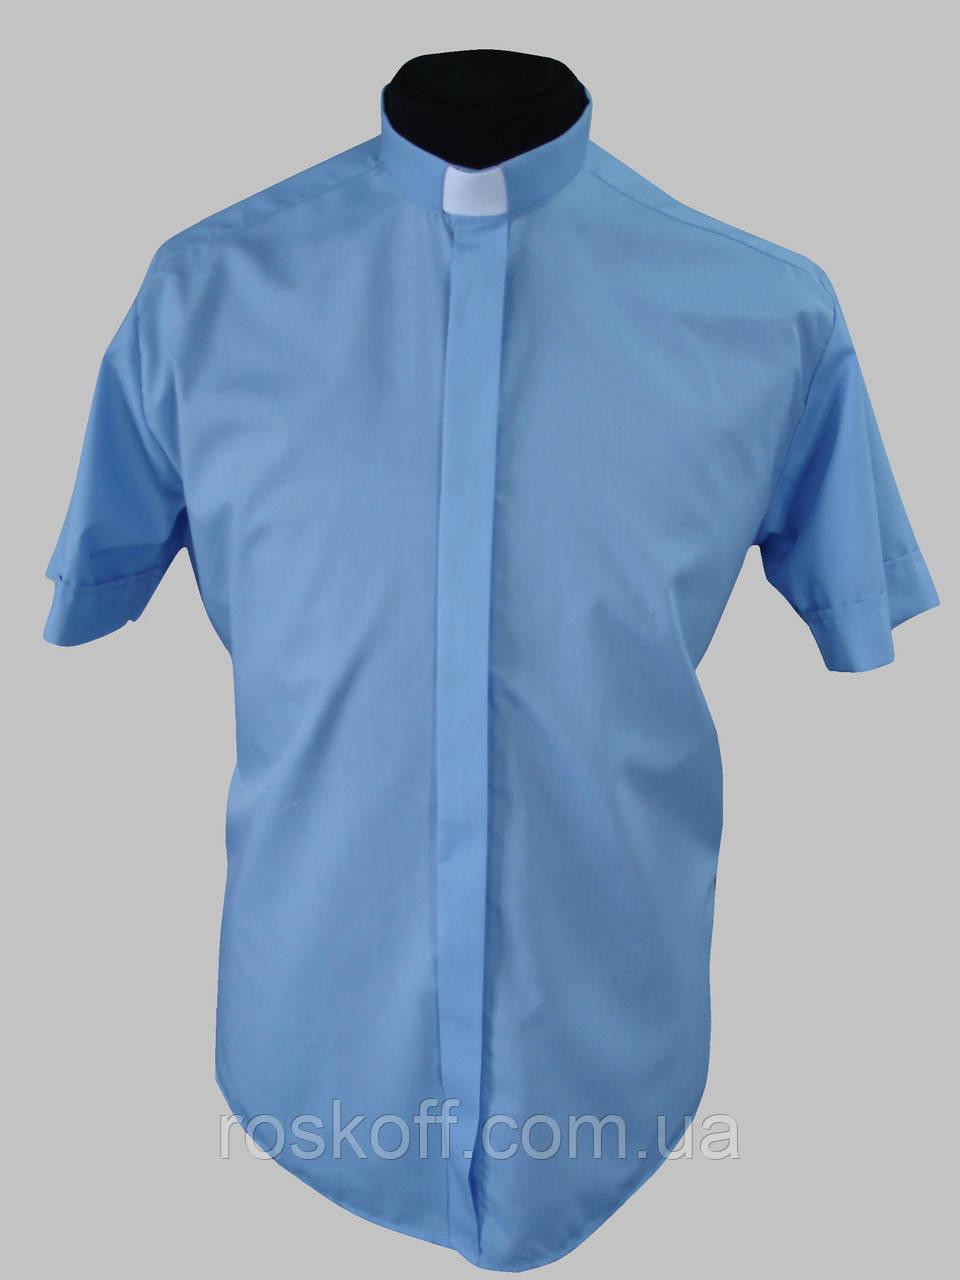 Рубашка голубого цвете с коротким рукавом